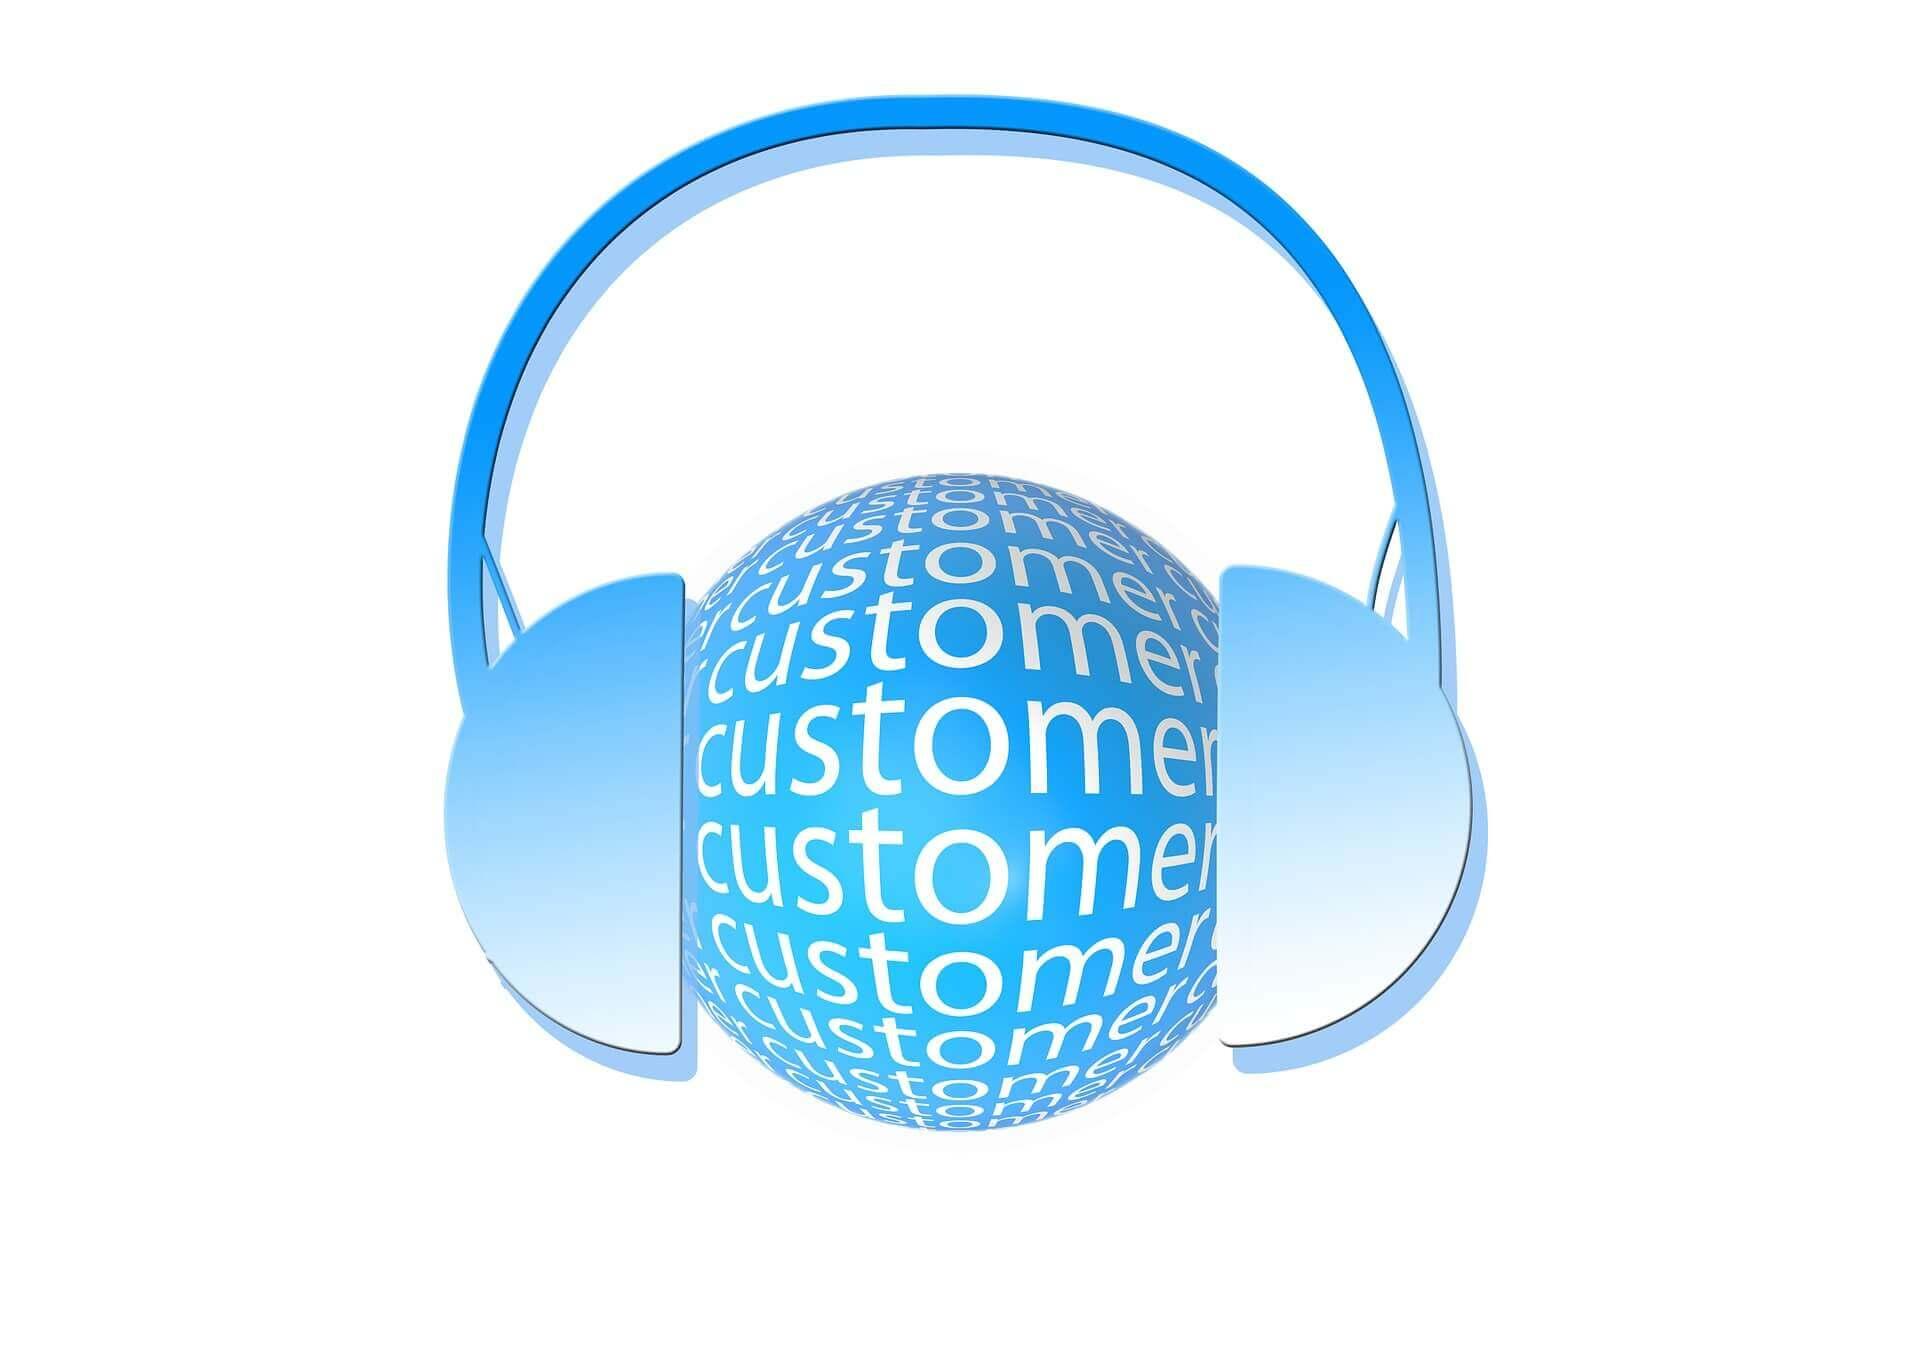 servicio de atención al cliente betfair